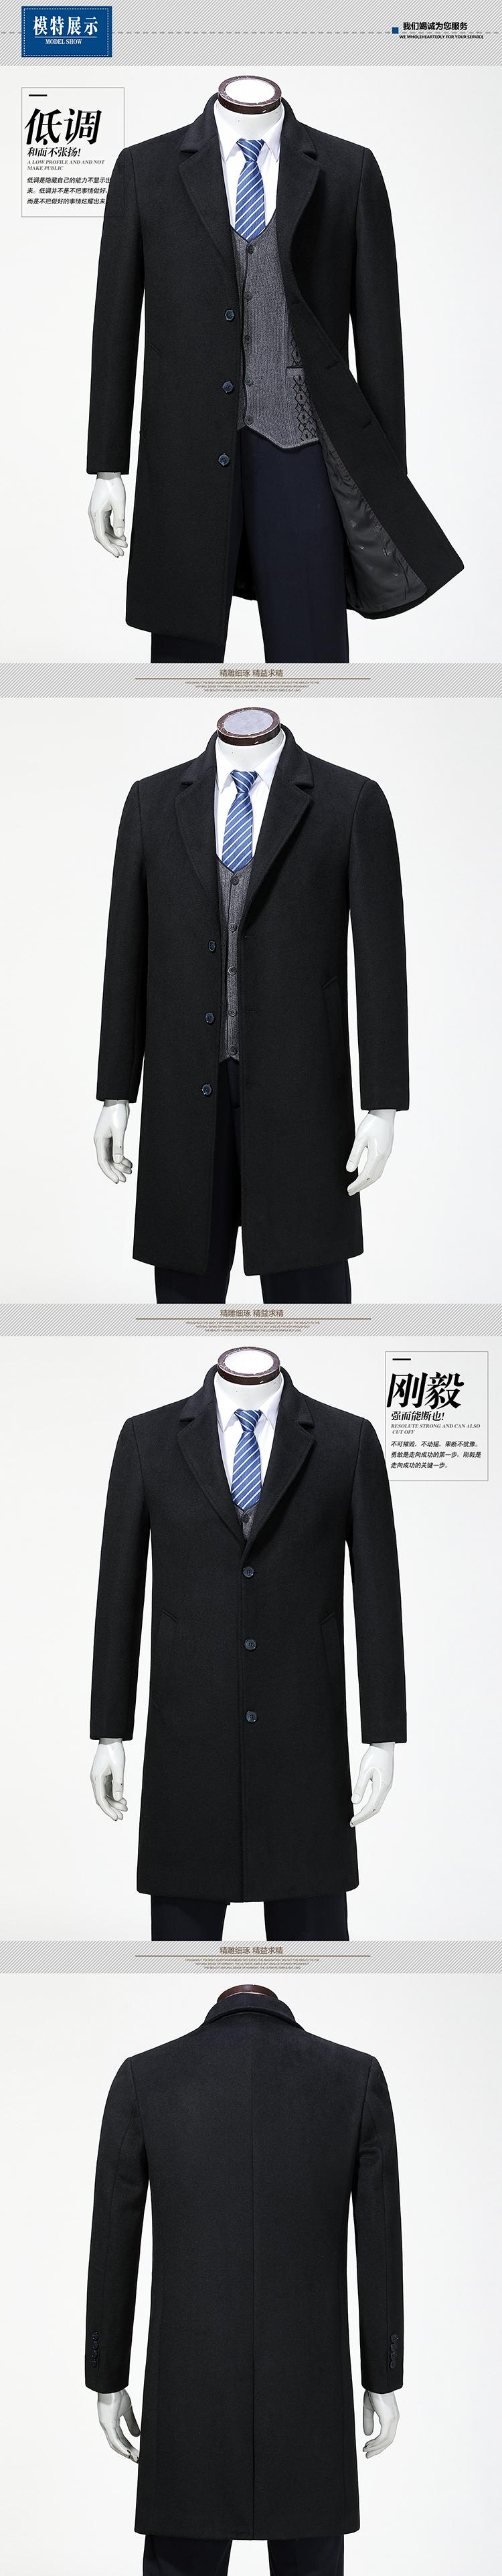 Cao cấp của nam giới cashmere coat phù hợp với cổ áo Người Anh len áo khoác áo gió phần dài nam áo khoác kinh doanh daddy